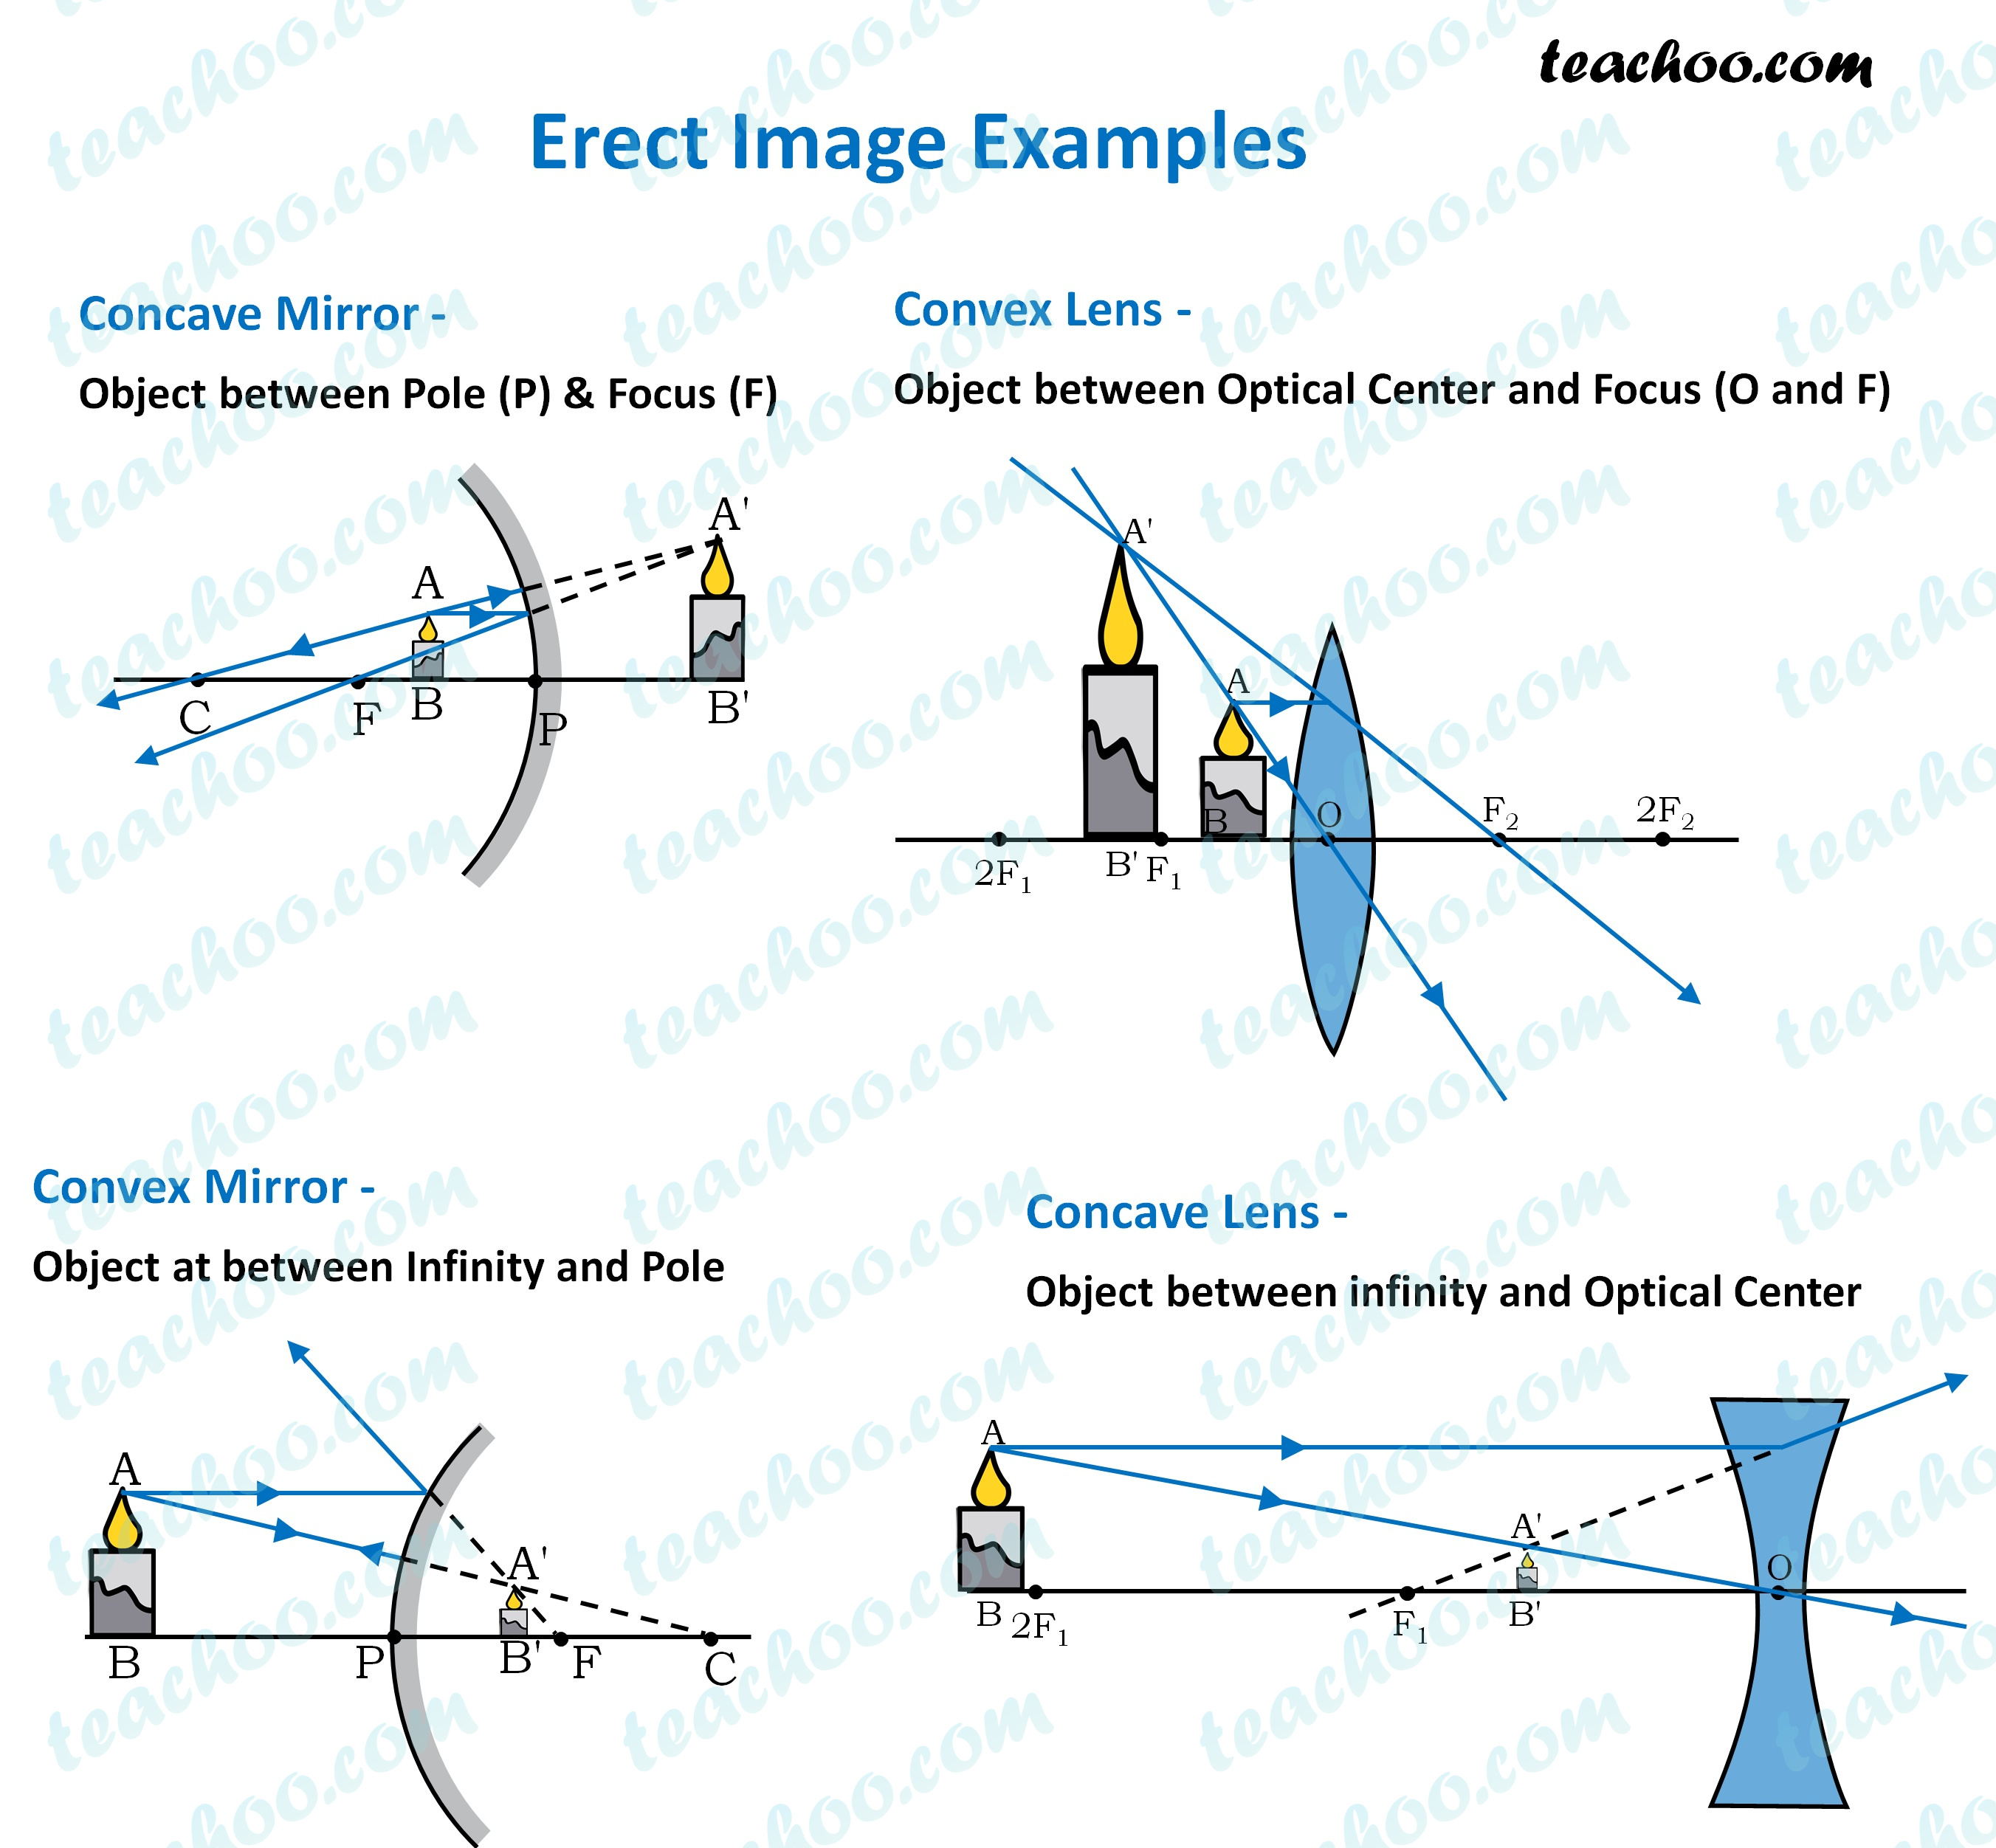 erect-image-examples---teachoo.jpg